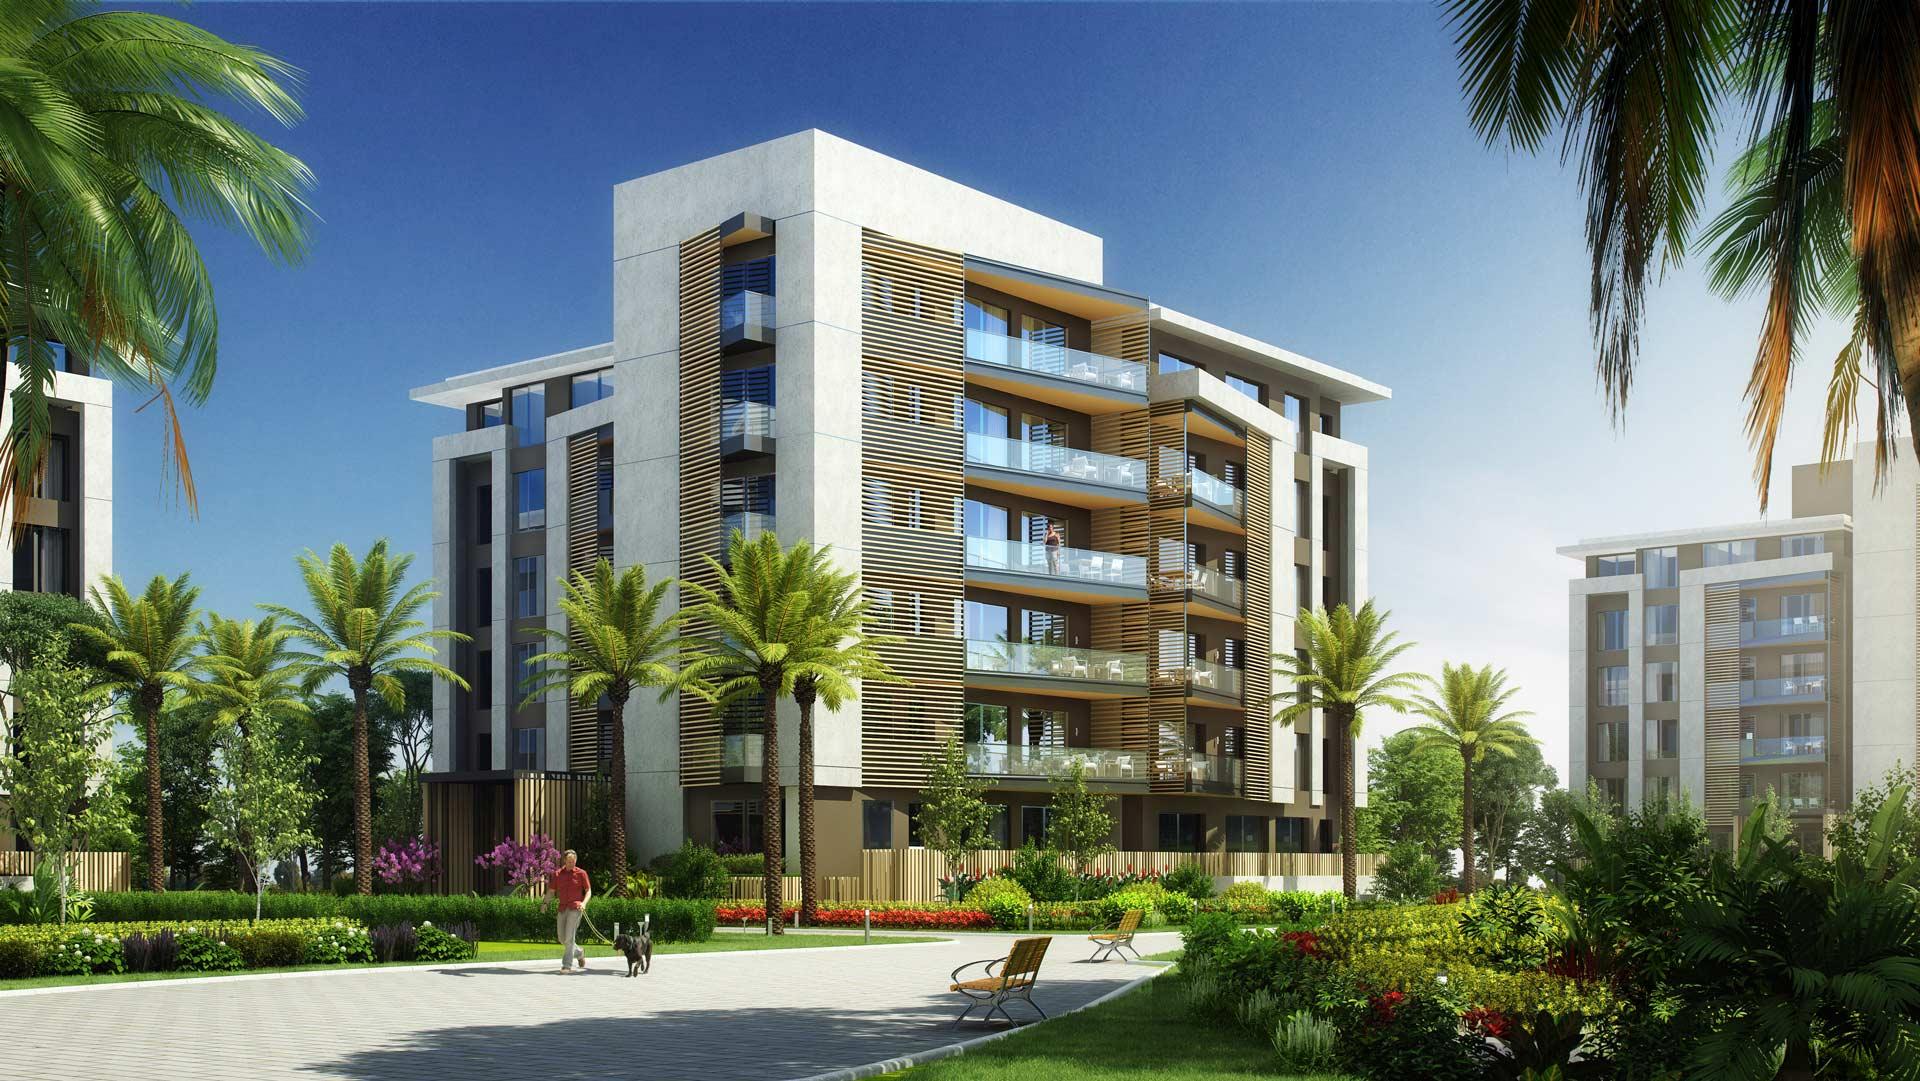 أحصل على شقة في كمبوند بريفادو بمساحة 154 متر